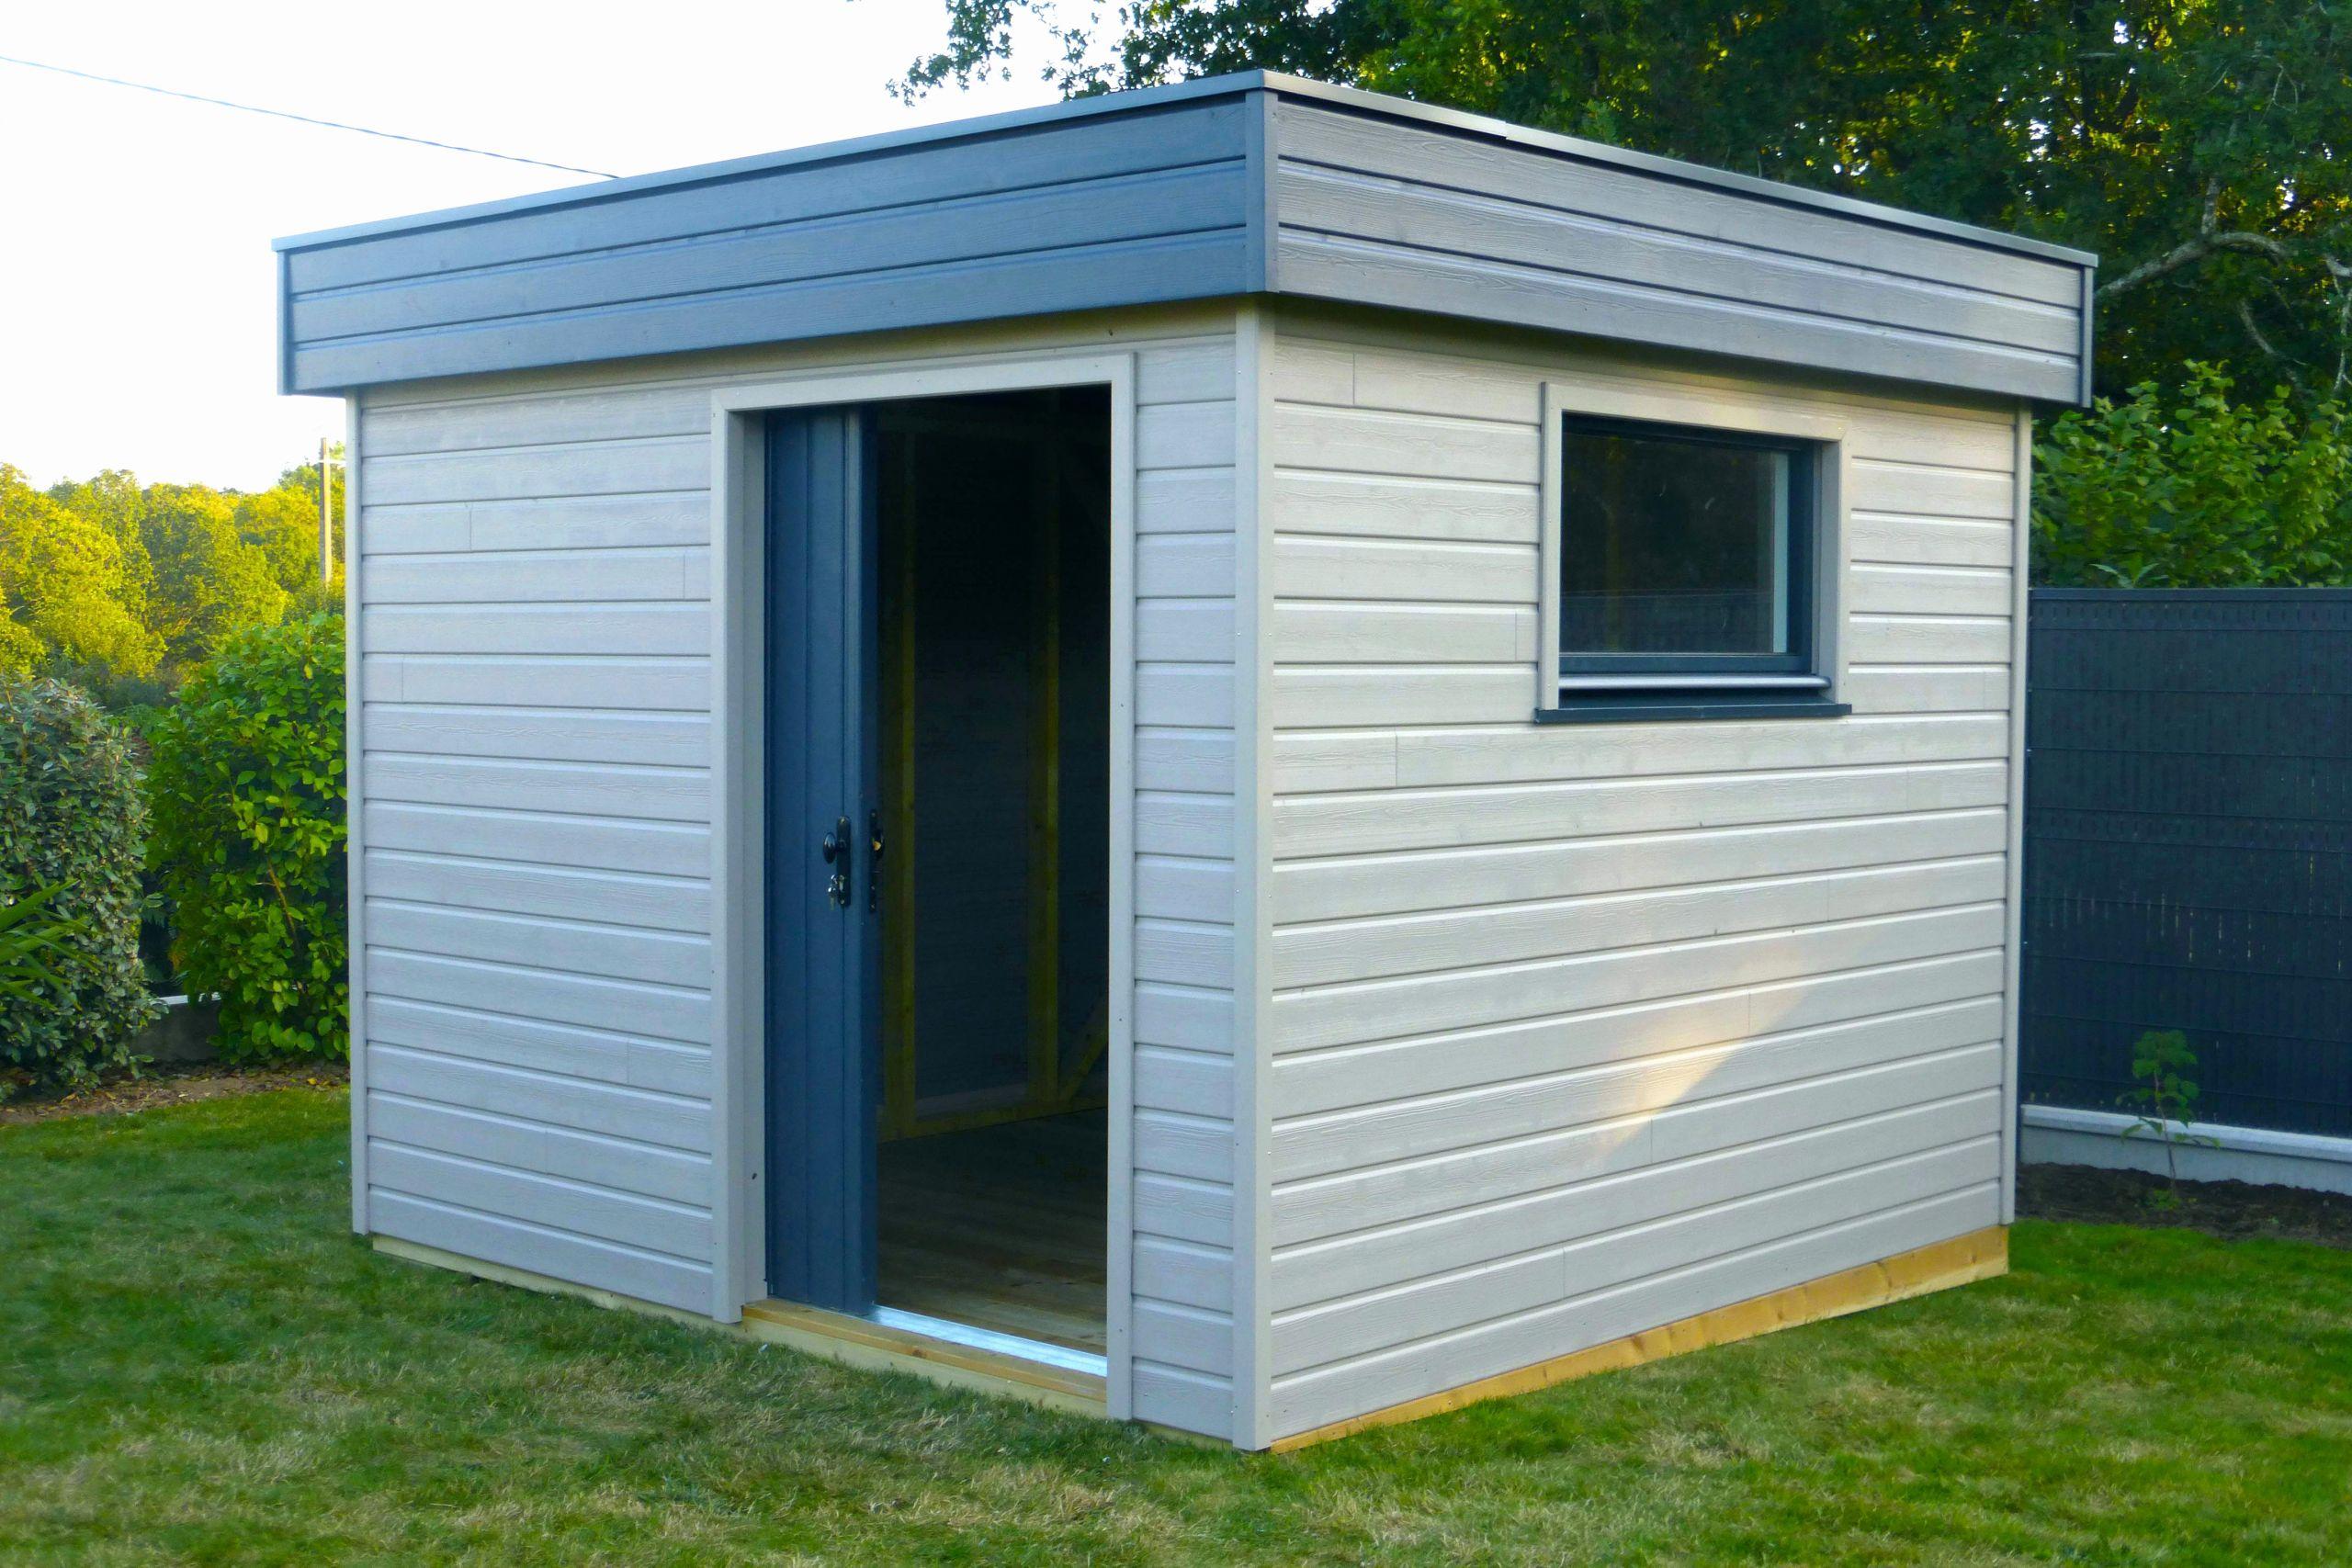 cabane de jardin 20m2 photo de brico depot cabane de jardin unique galerie xylophene meuble 0d of cabane de jardin 20m2